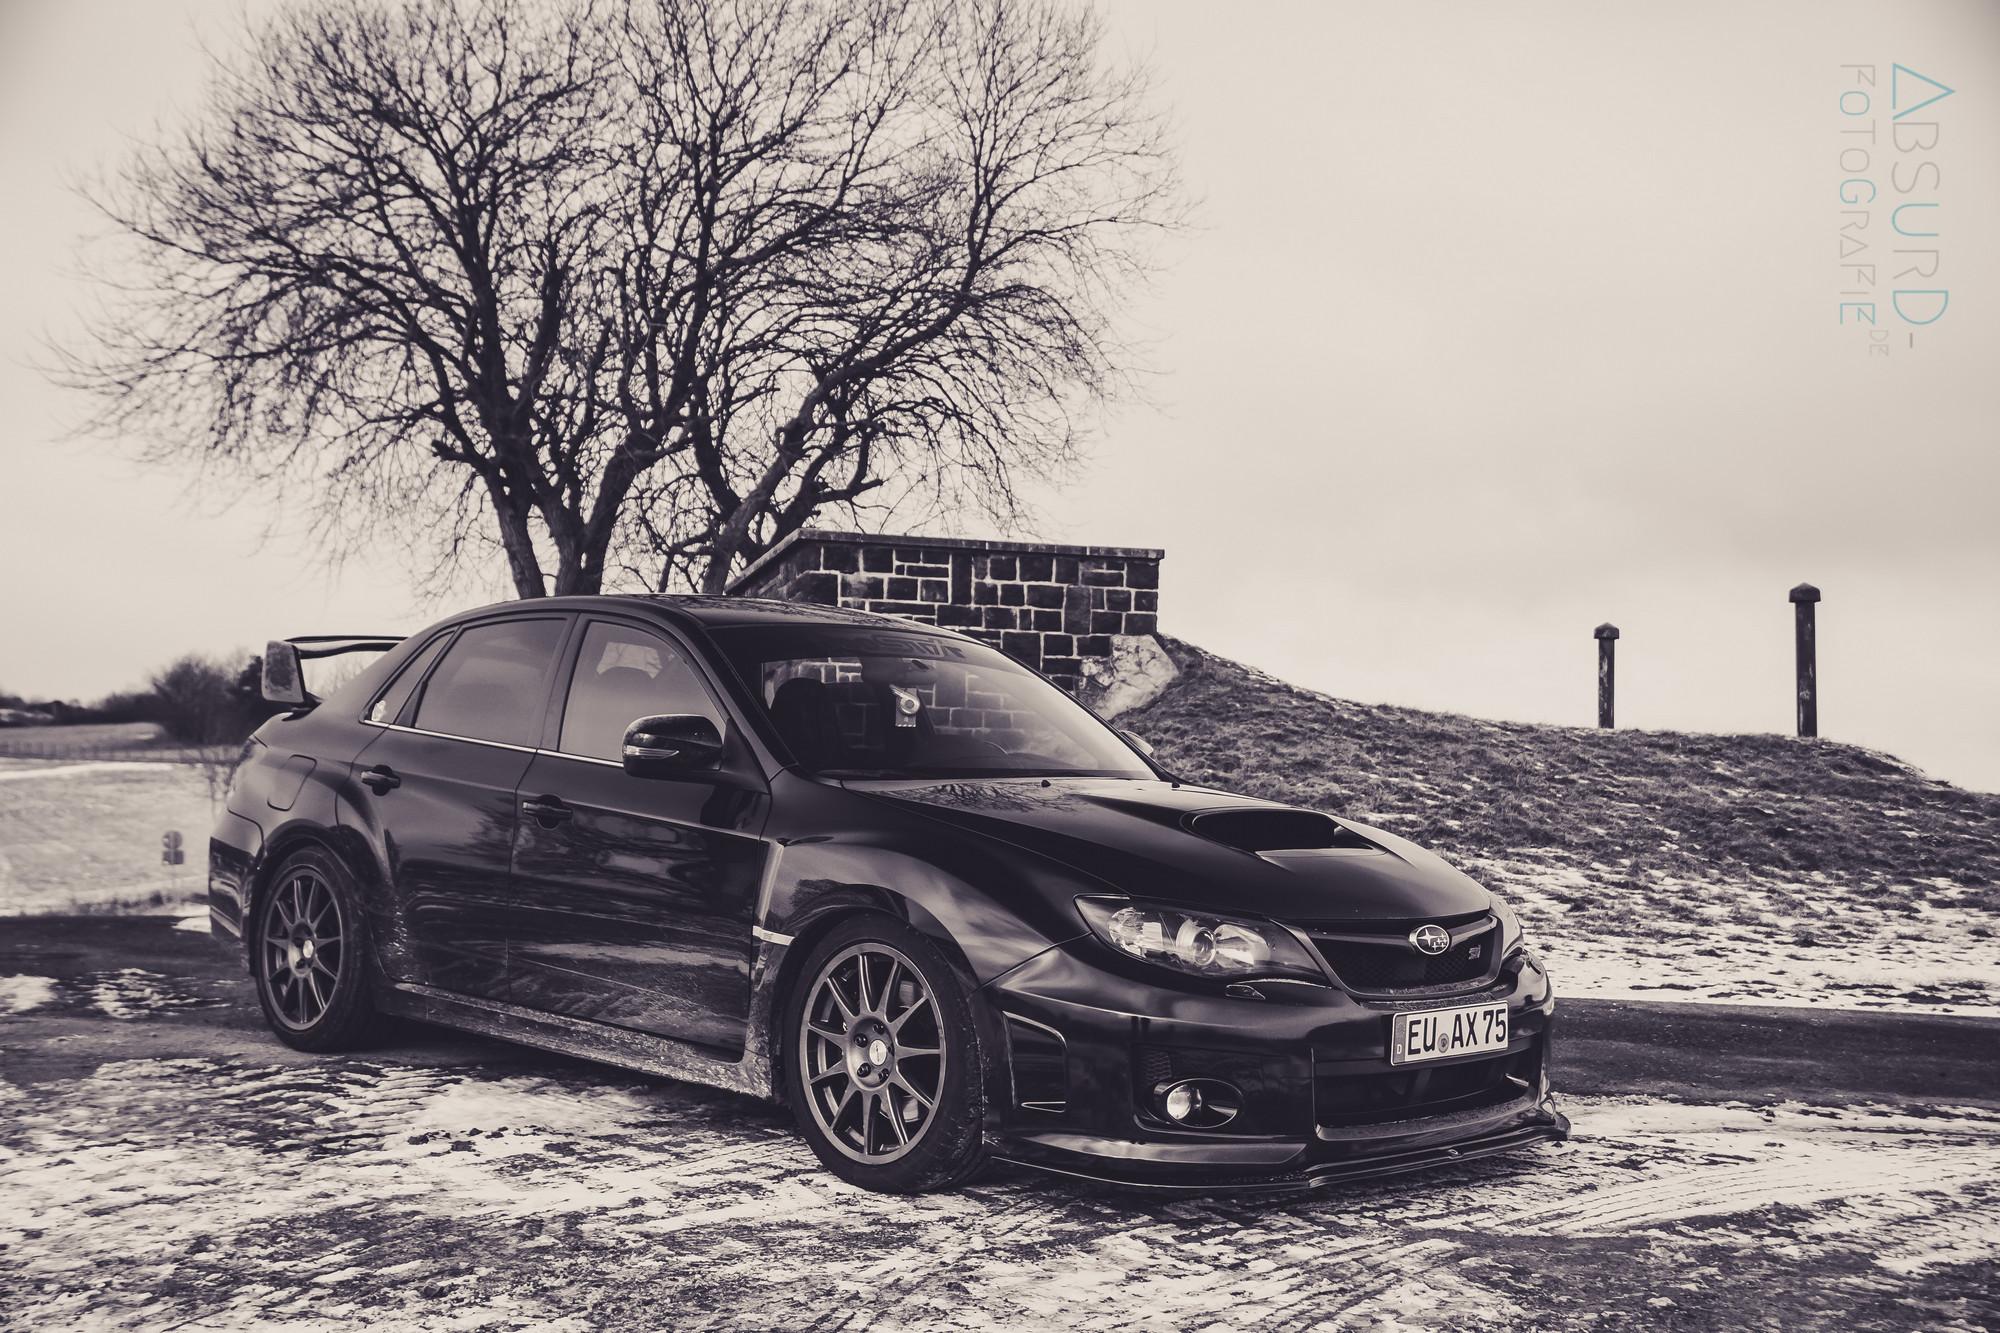 2019-01-20-Alex-Subaru-STI - DSC02120-00237-lredit-_tn.jpg